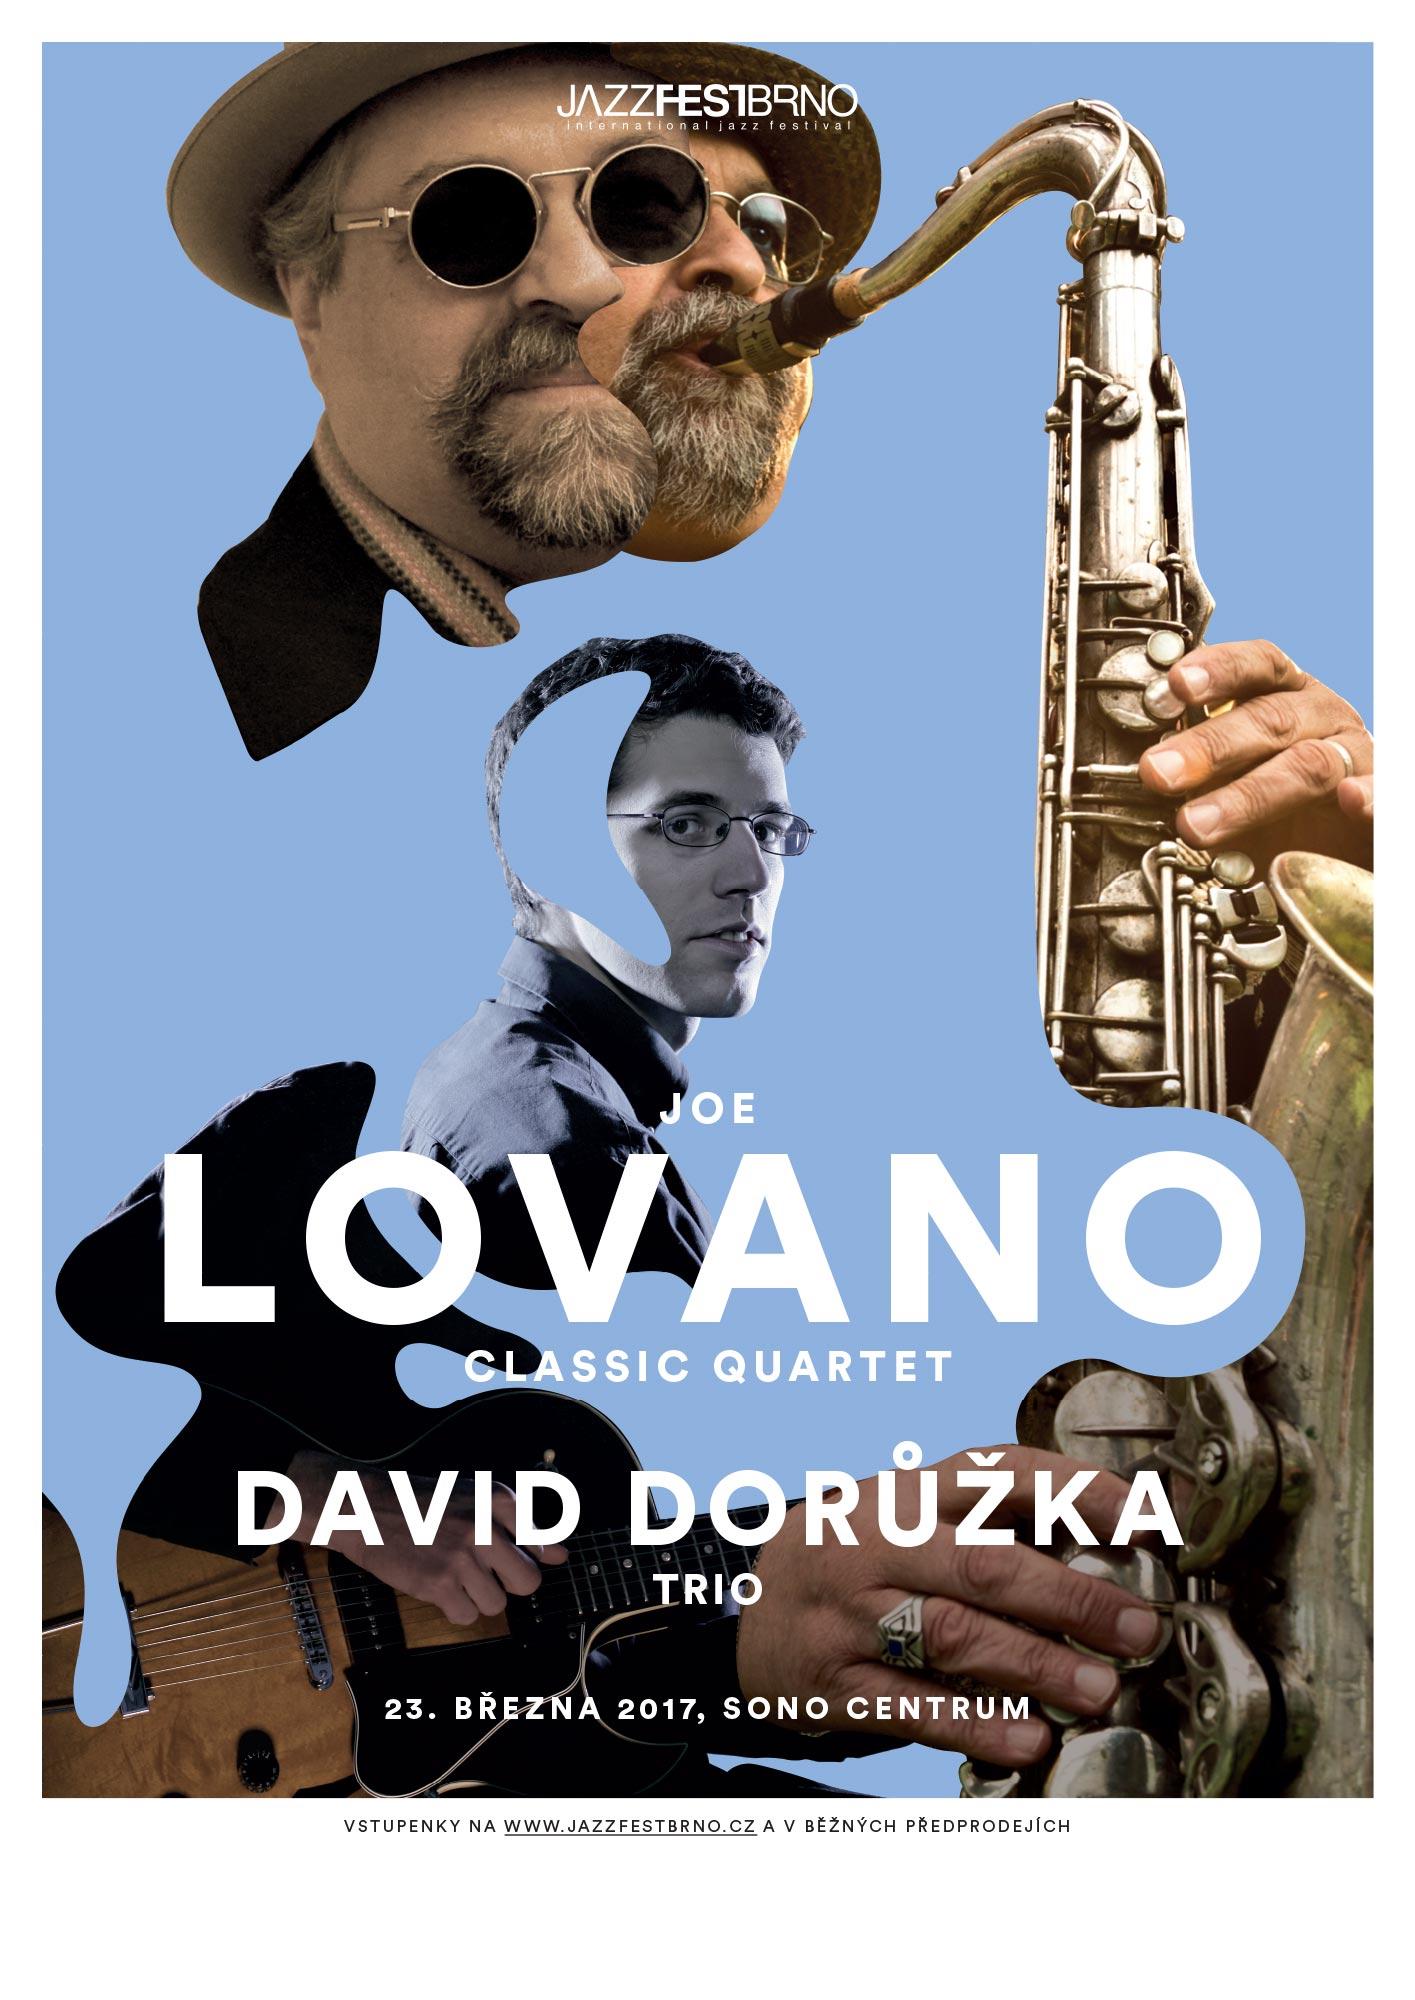 Jazzfestbrno 2017 - Joe Lovano Classic Quartet a David Dorůžka Trio